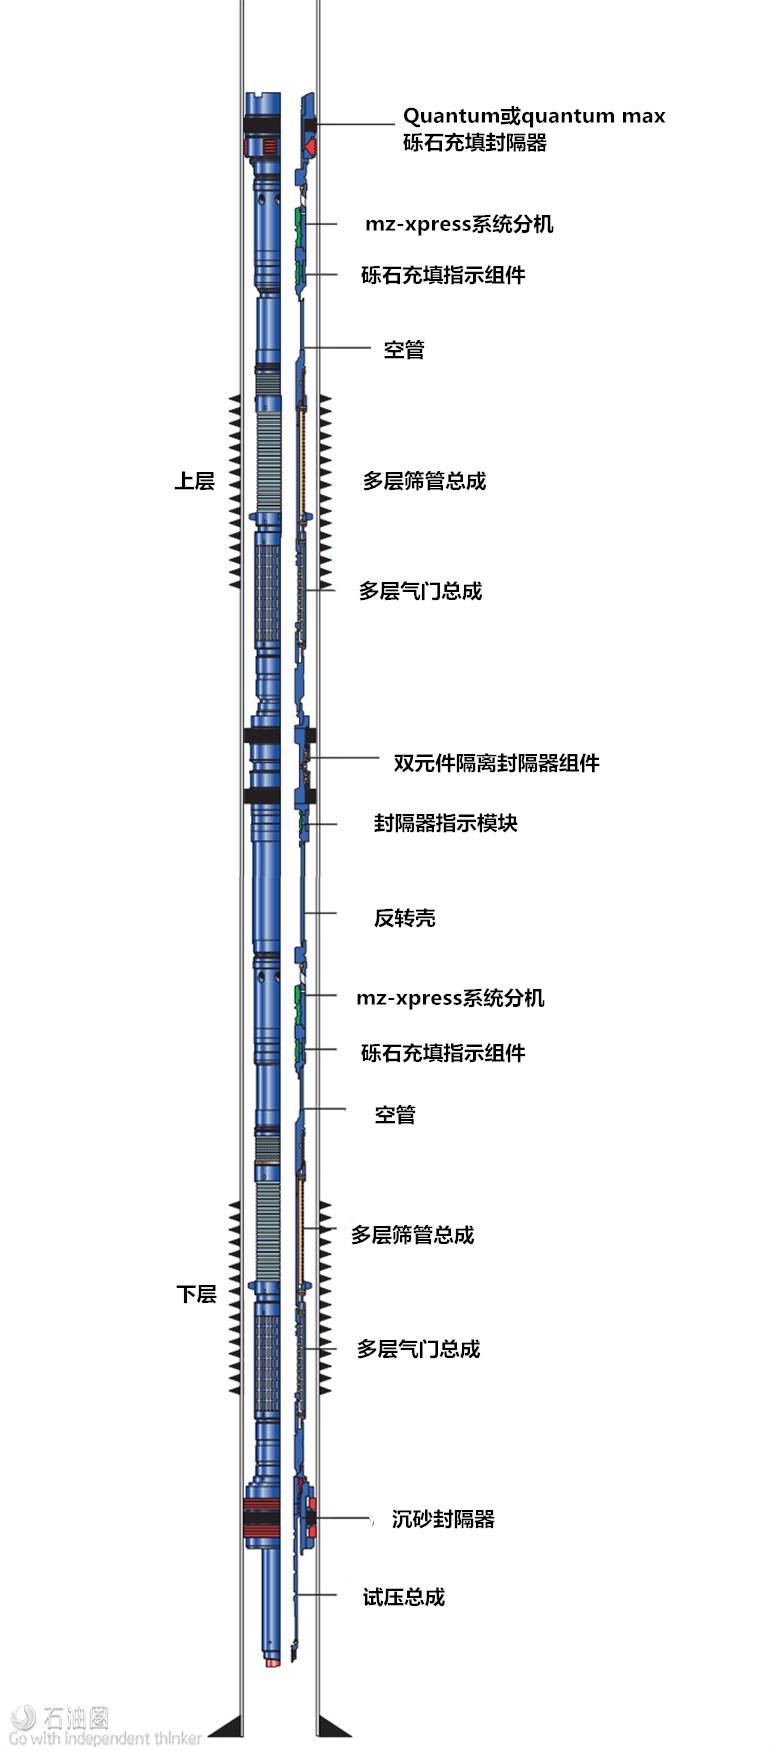 MZ-Xpress完井系统